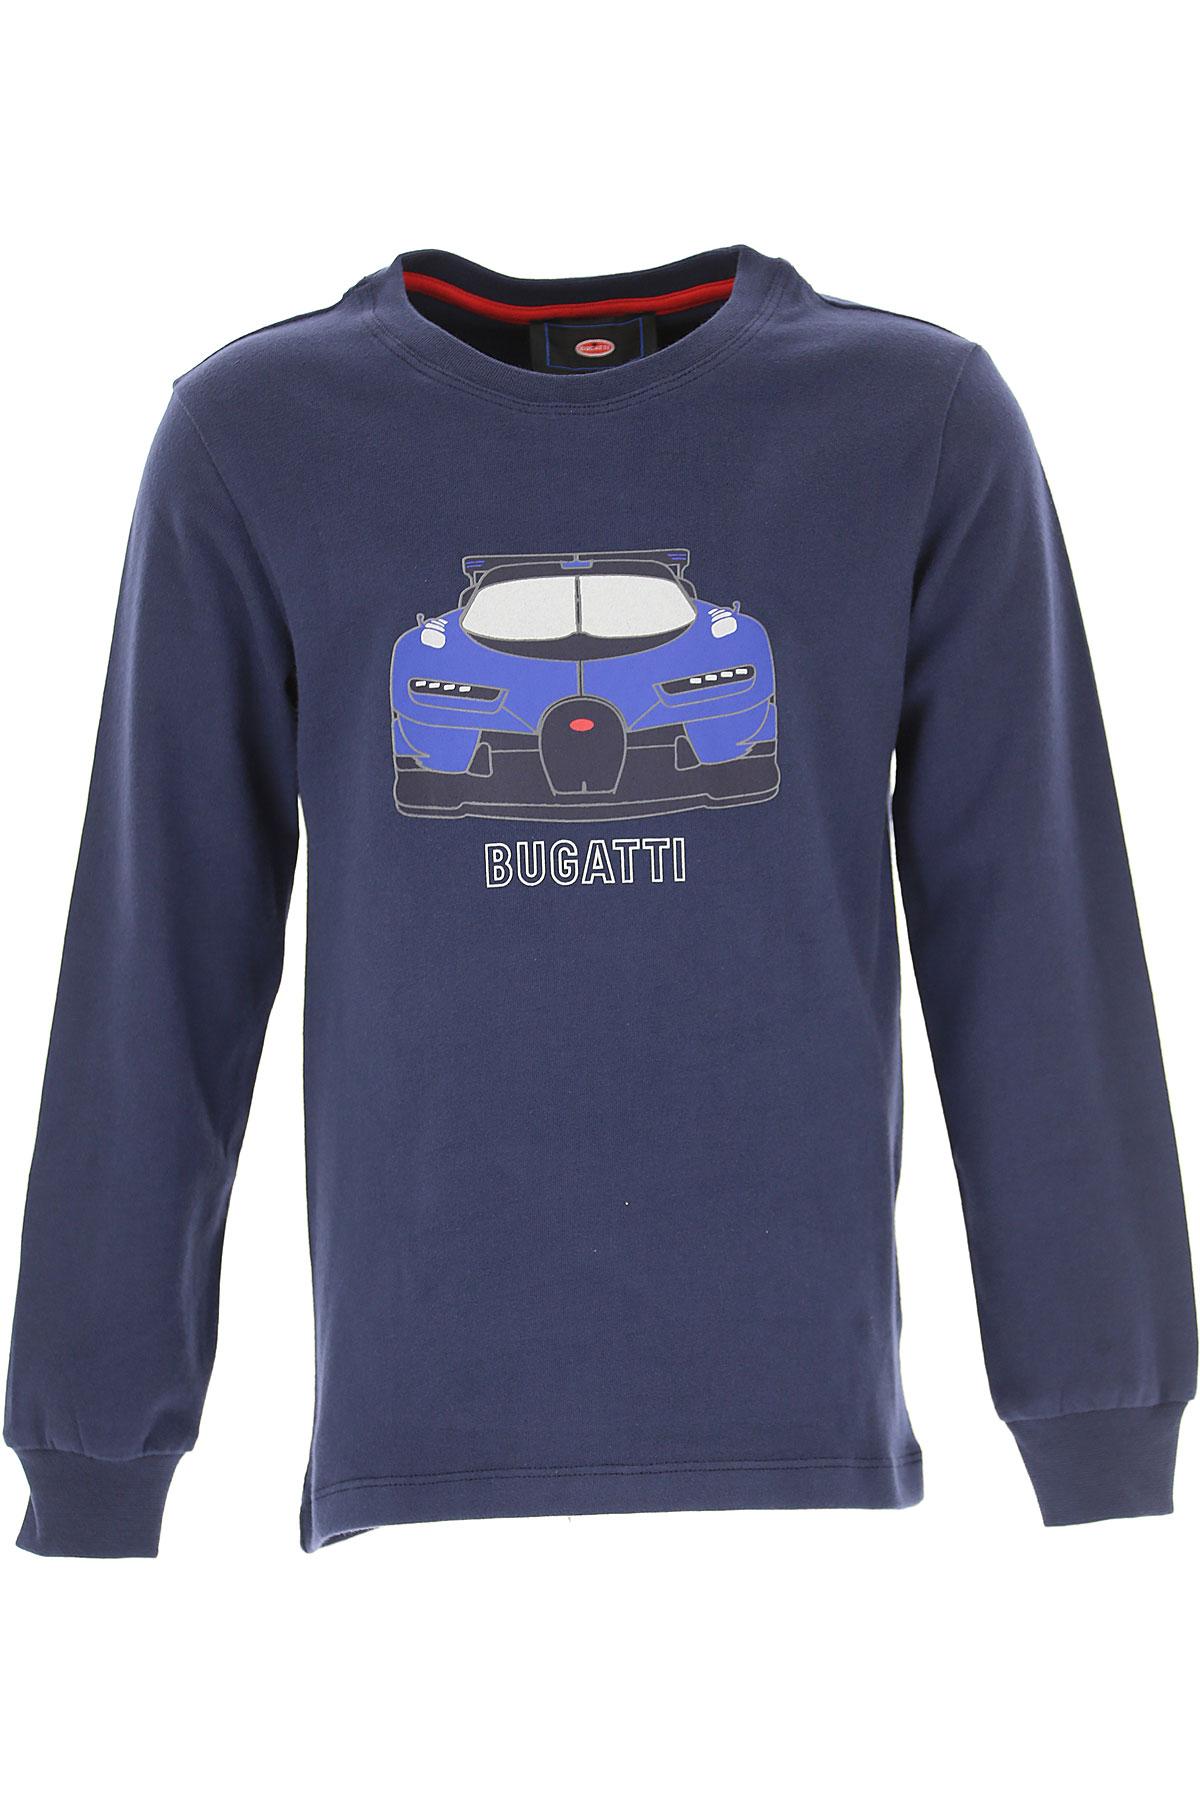 Image of Bugatti Kids T-Shirt for Boys, Blue, Cotton, 2017, 2Y 3Y 4Y 5Y 6Y 7Y